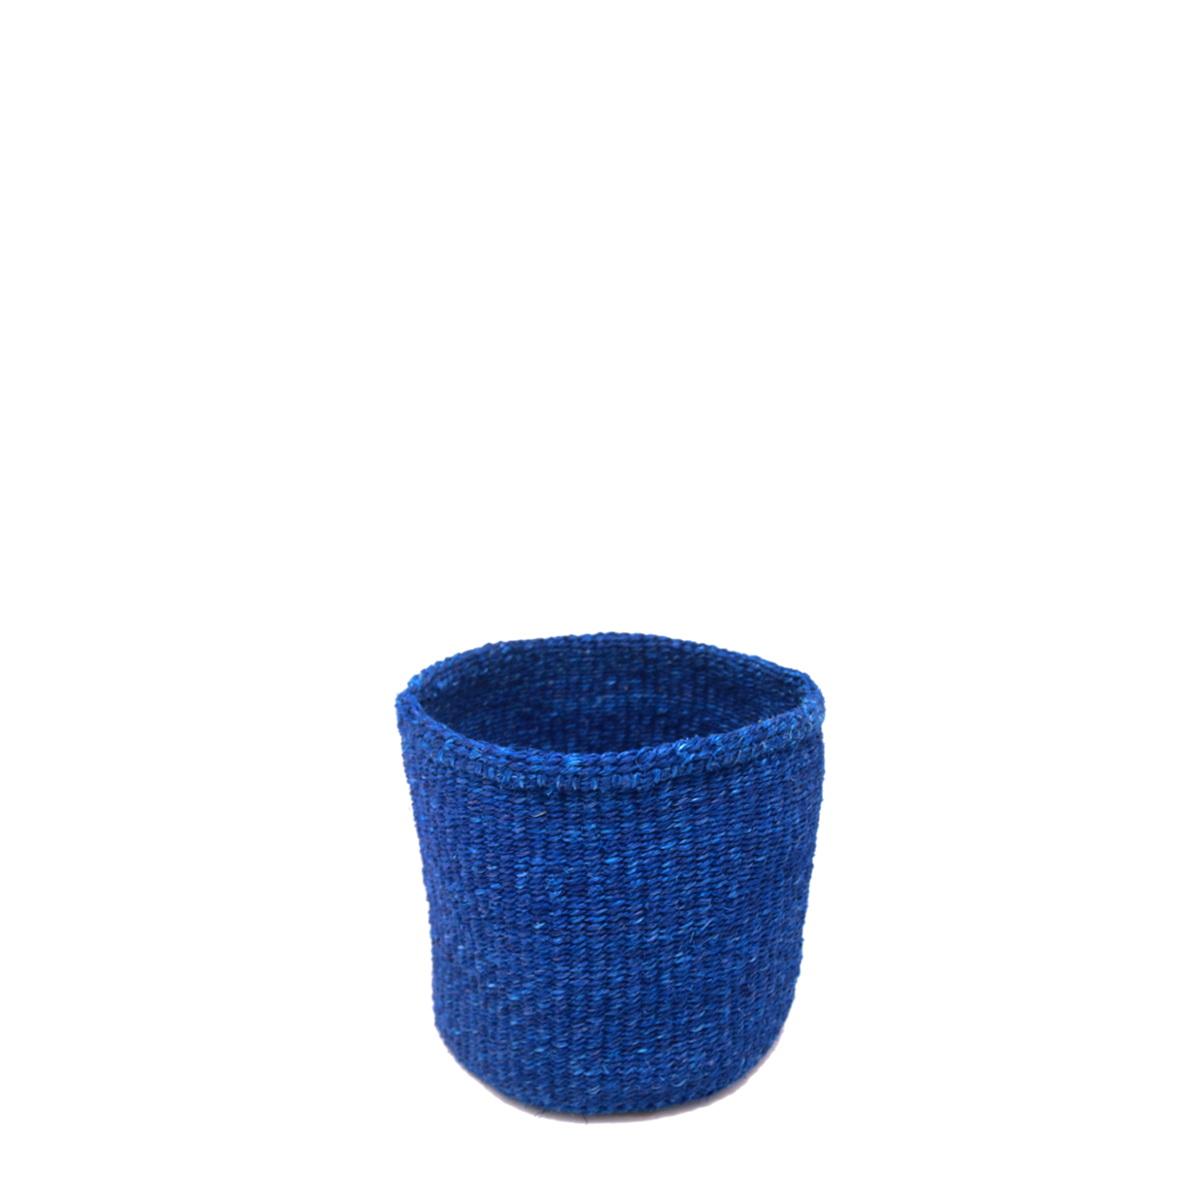 かご SSサイズ ベーシック ブルー